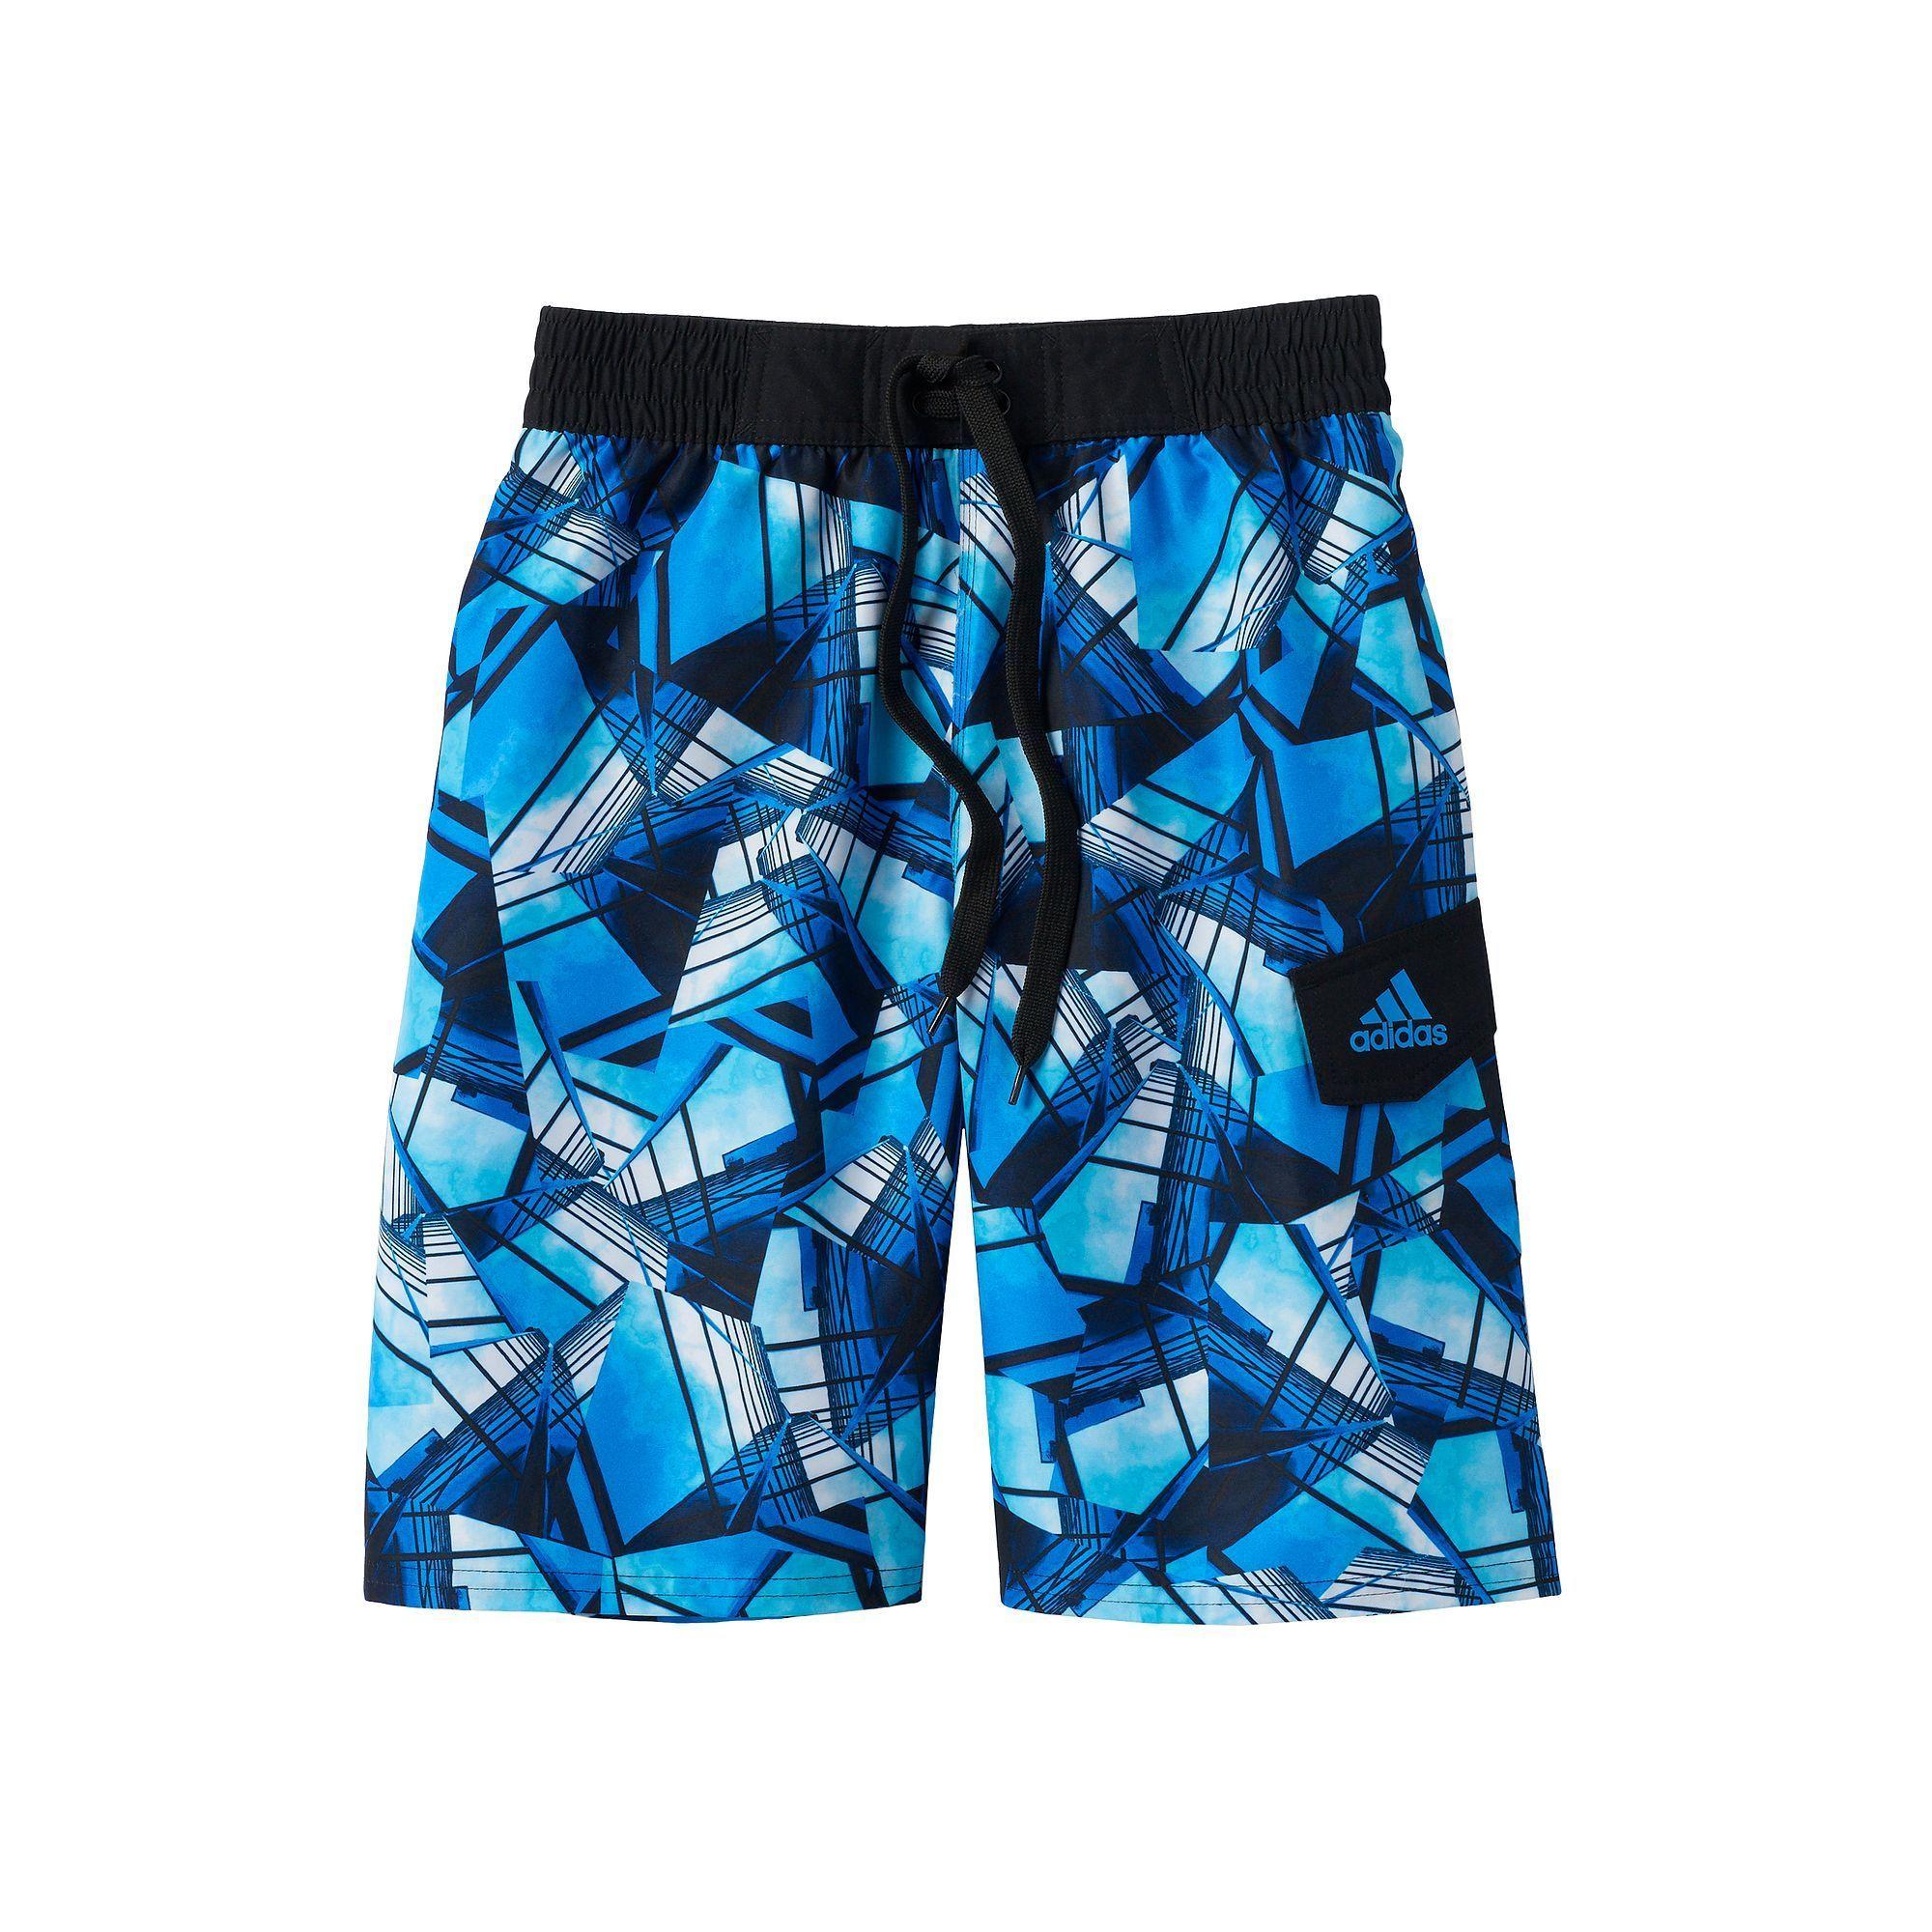 a7ce4333af Boys 8-20 Adidas Geo City Board Shorts, Boy's, Size: Xl(18/20), Blue (Navy)